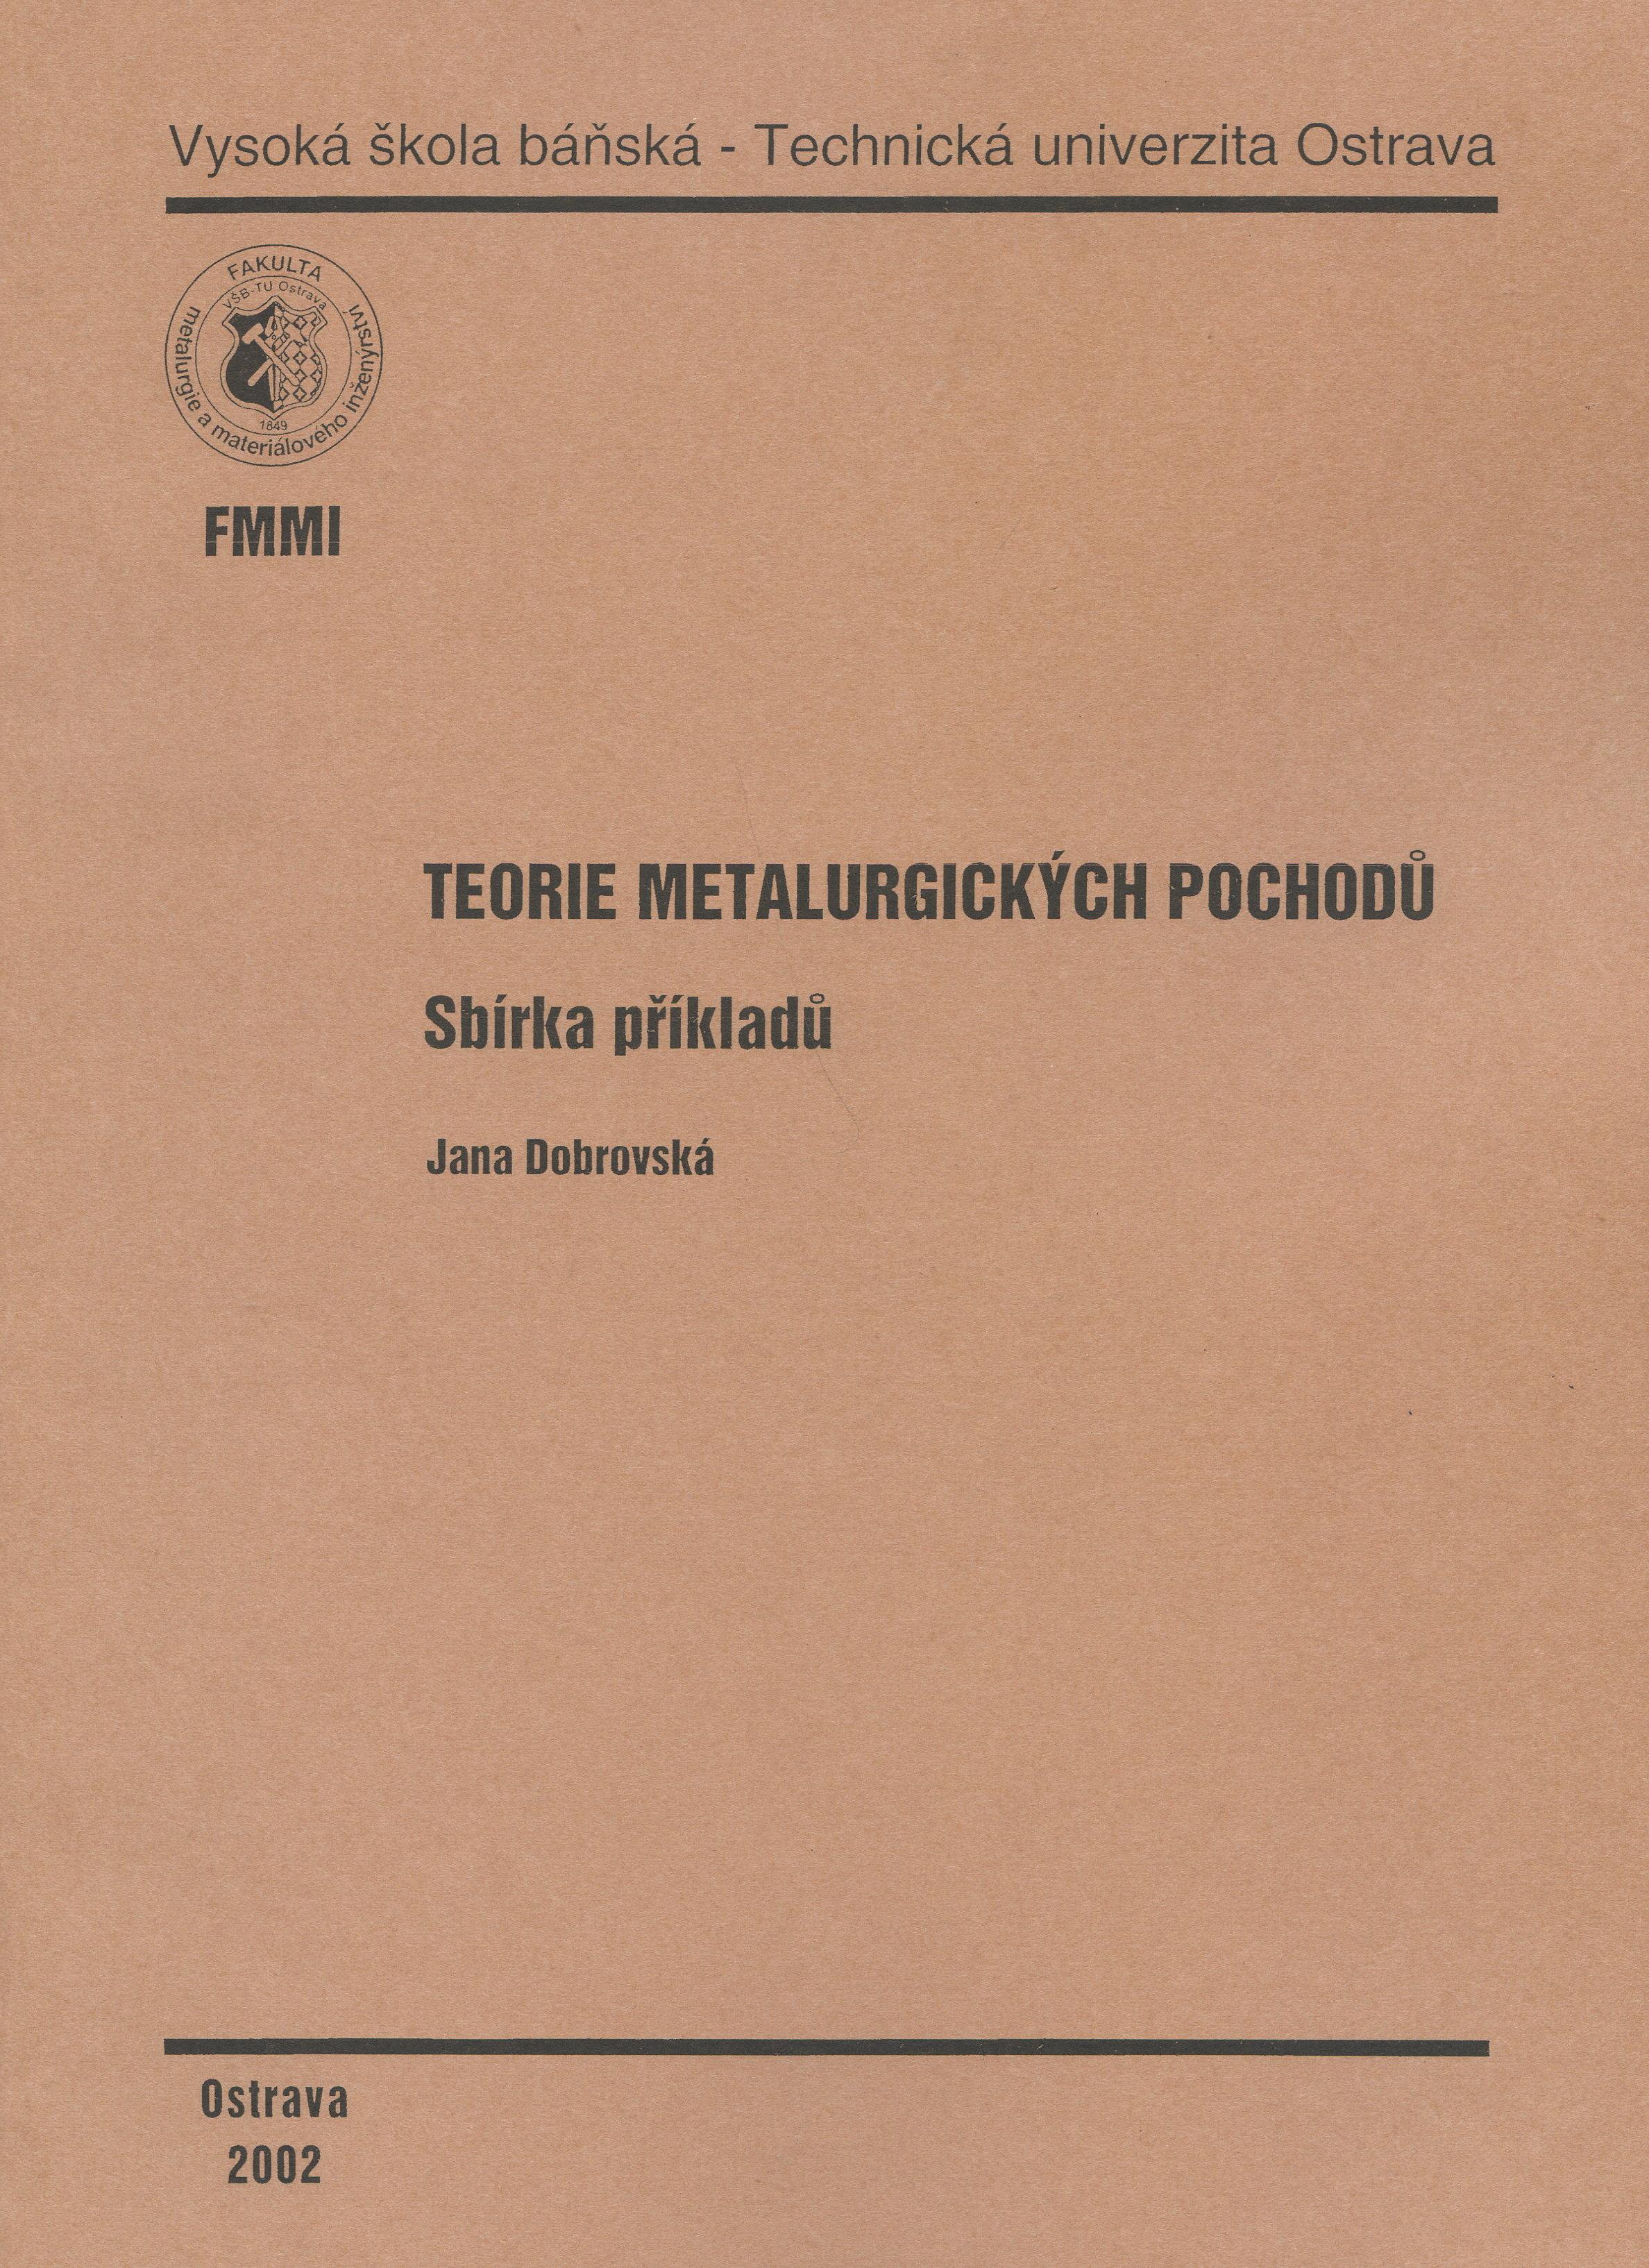 Teorie metalurgických pochodů - sbírka příkladů